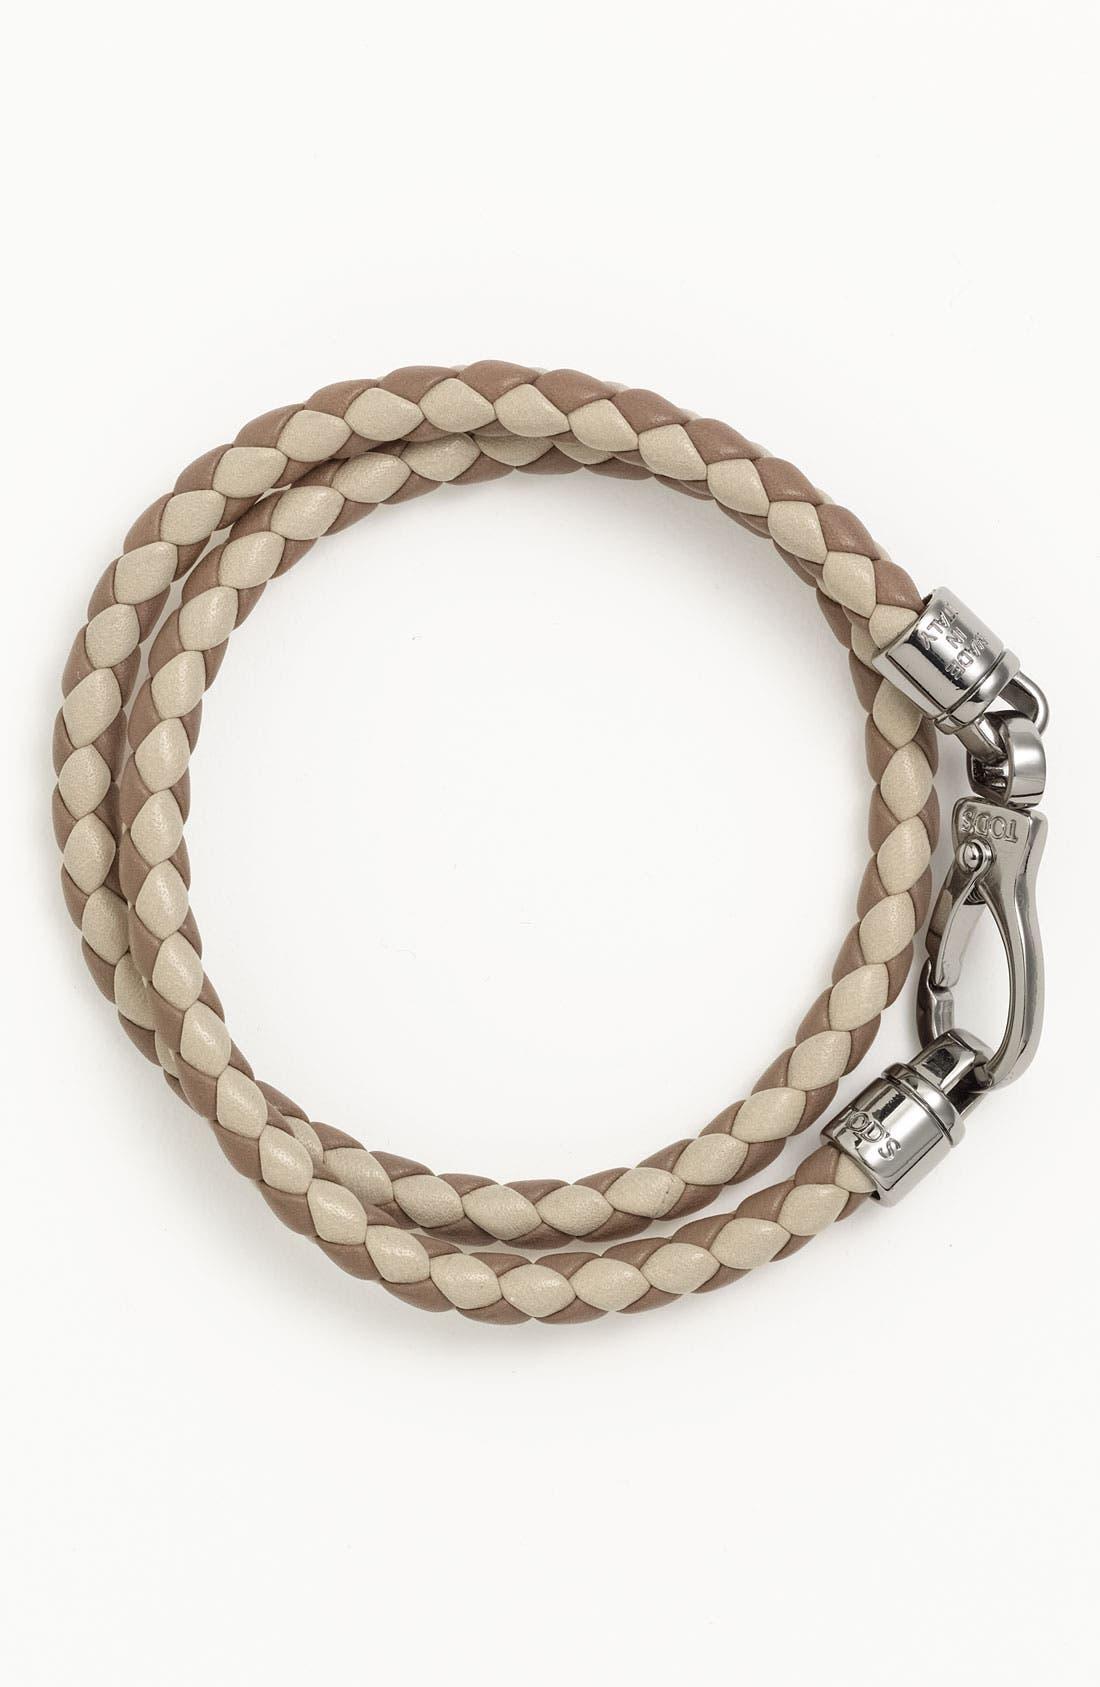 Main Image - Tod's Braided Leather Bracelet